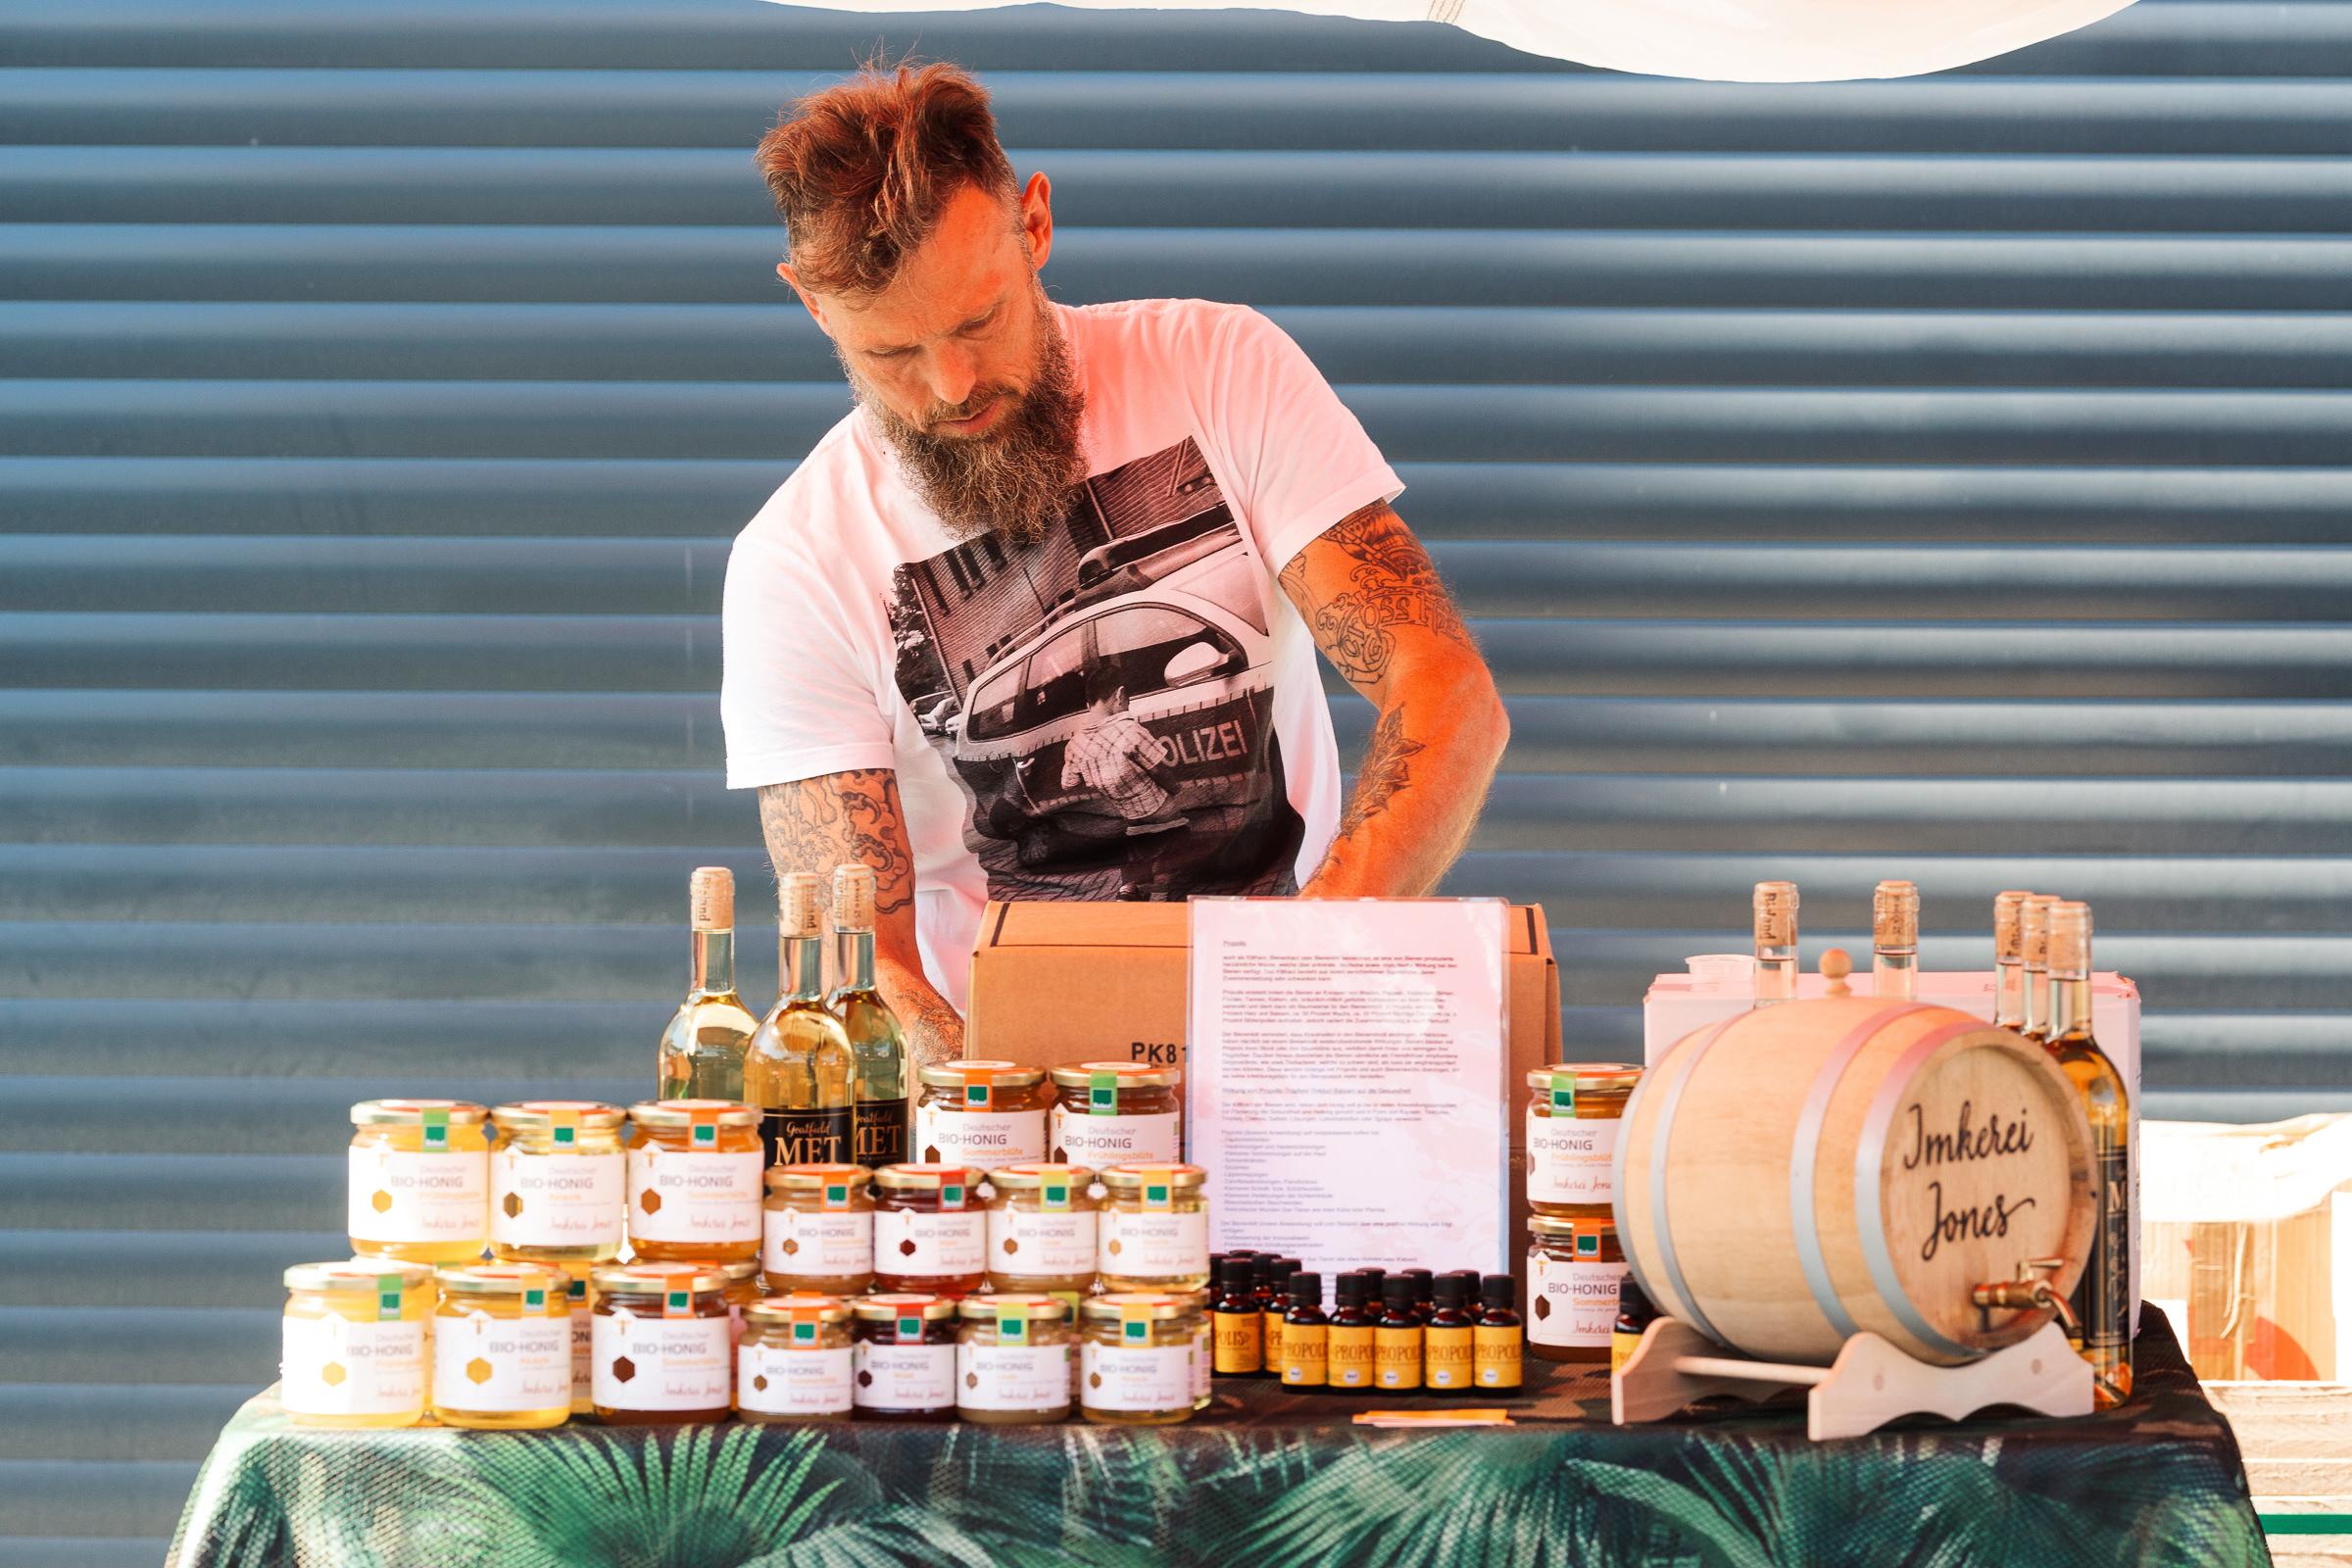 Sommerfest re-suspension 2019 - Mats bot seinen Honig und weitere Leckereien an.